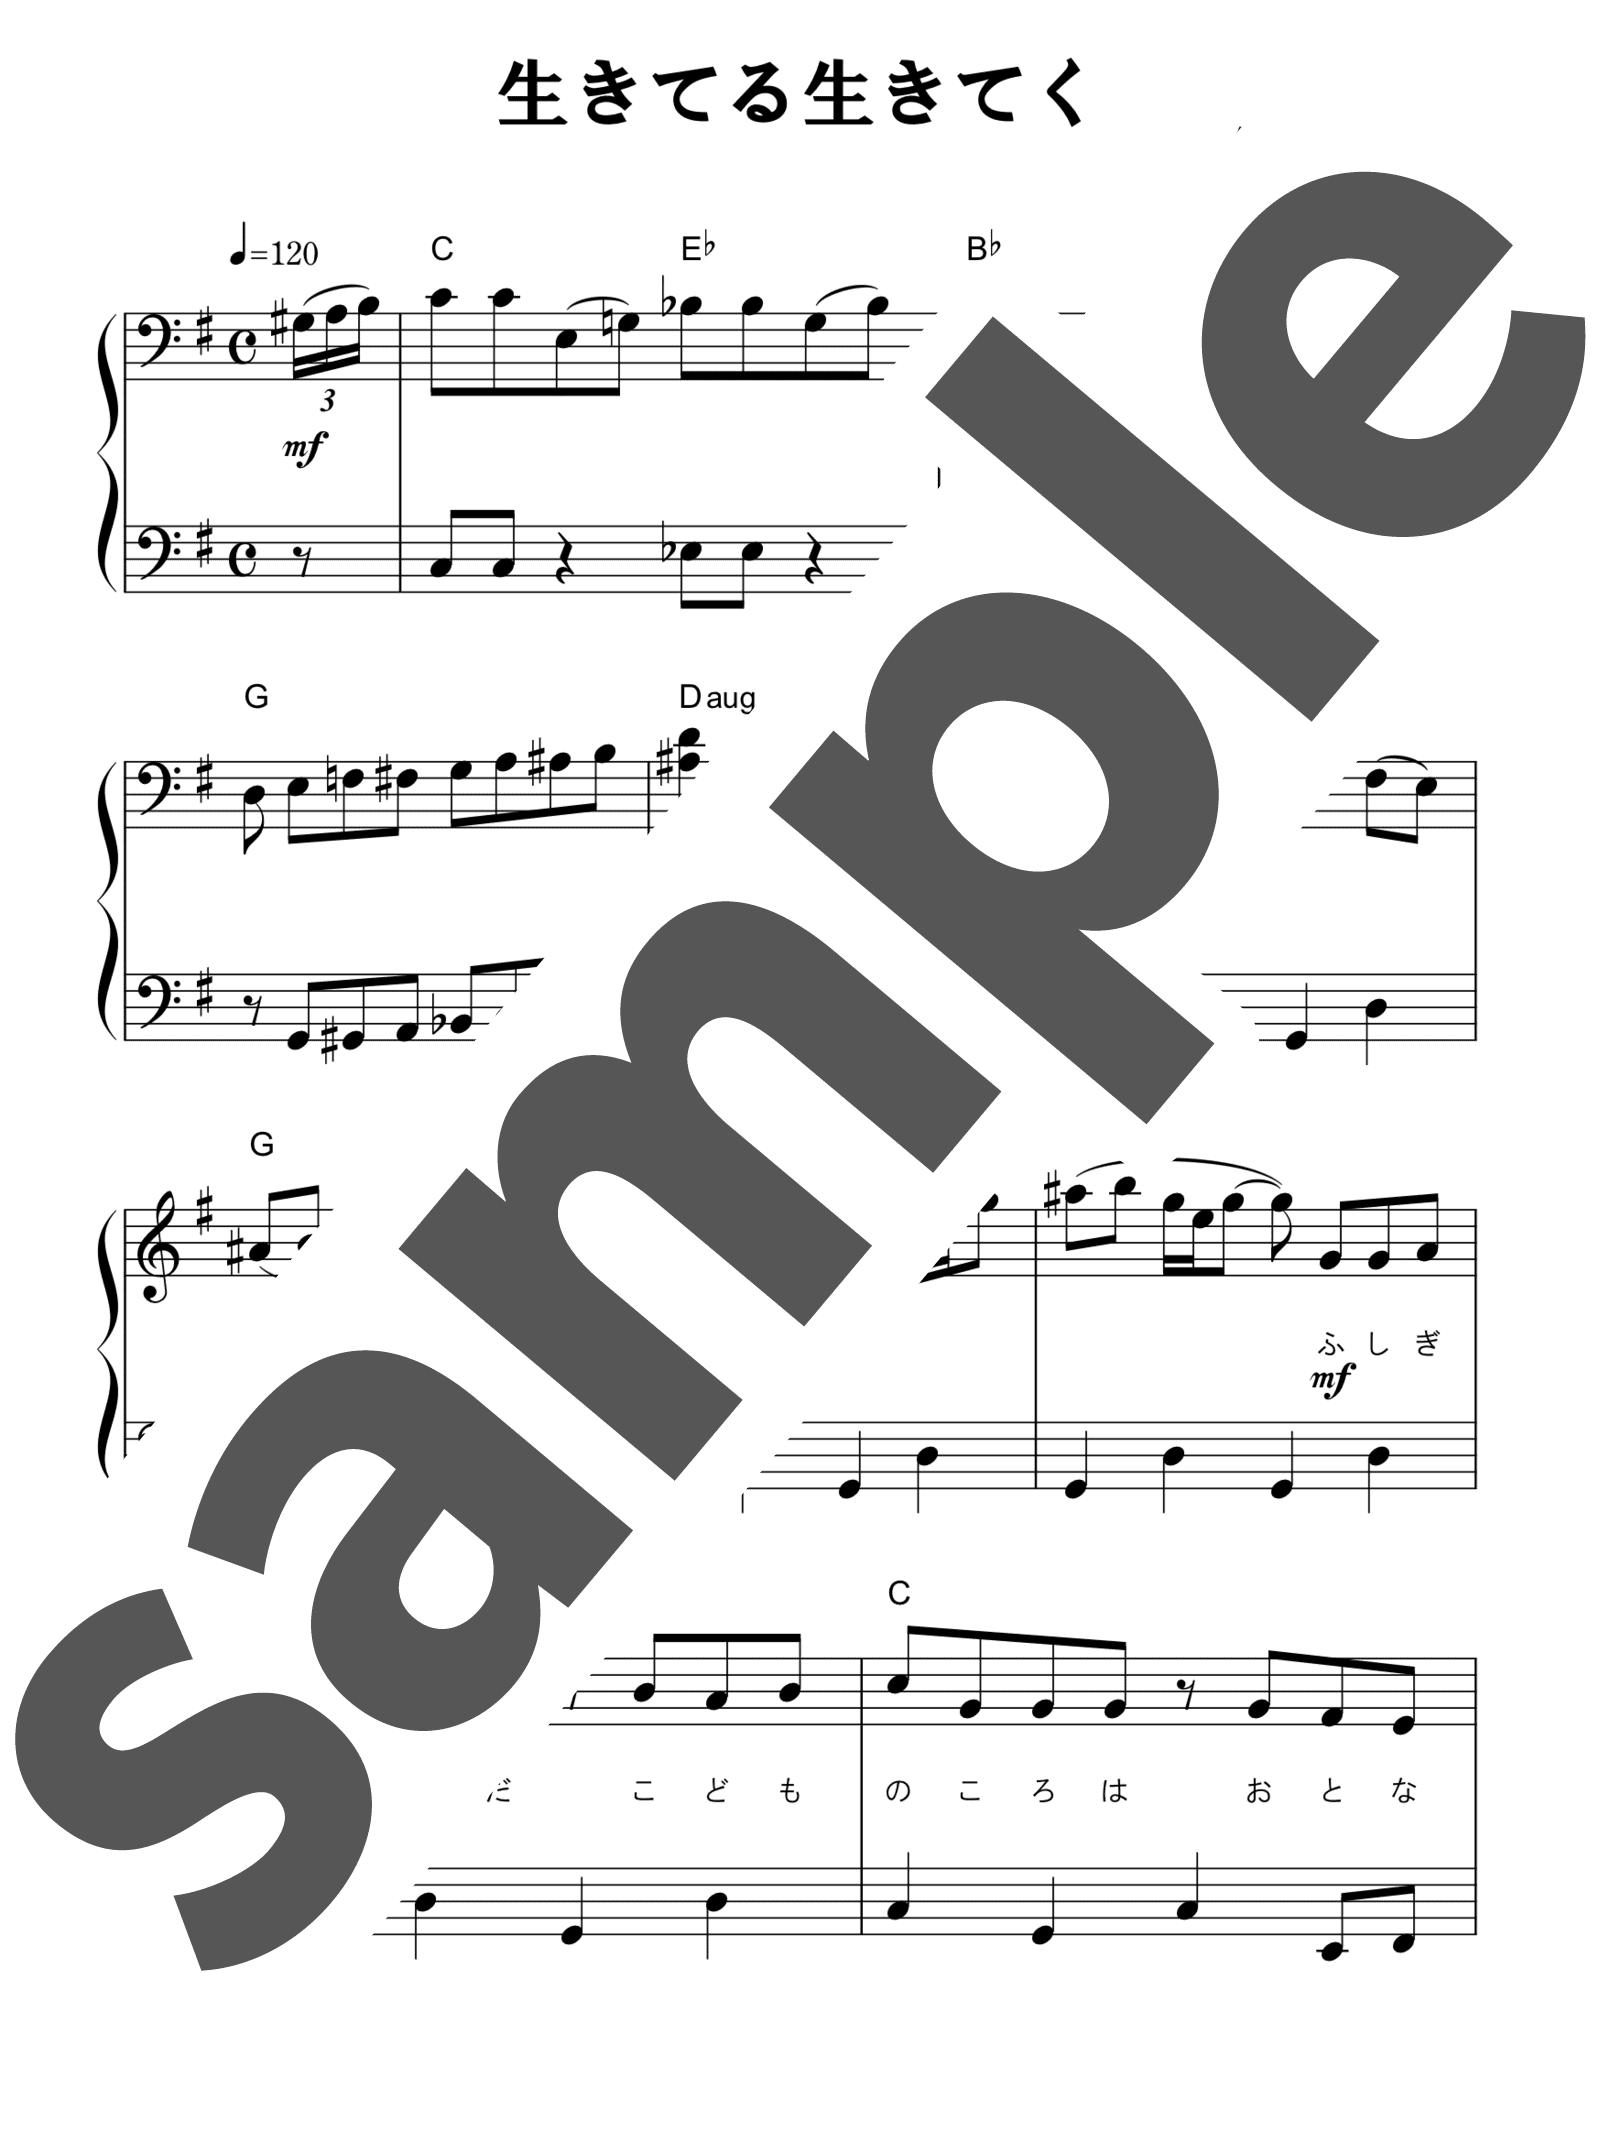 「生きてる生きてく」のサンプル楽譜